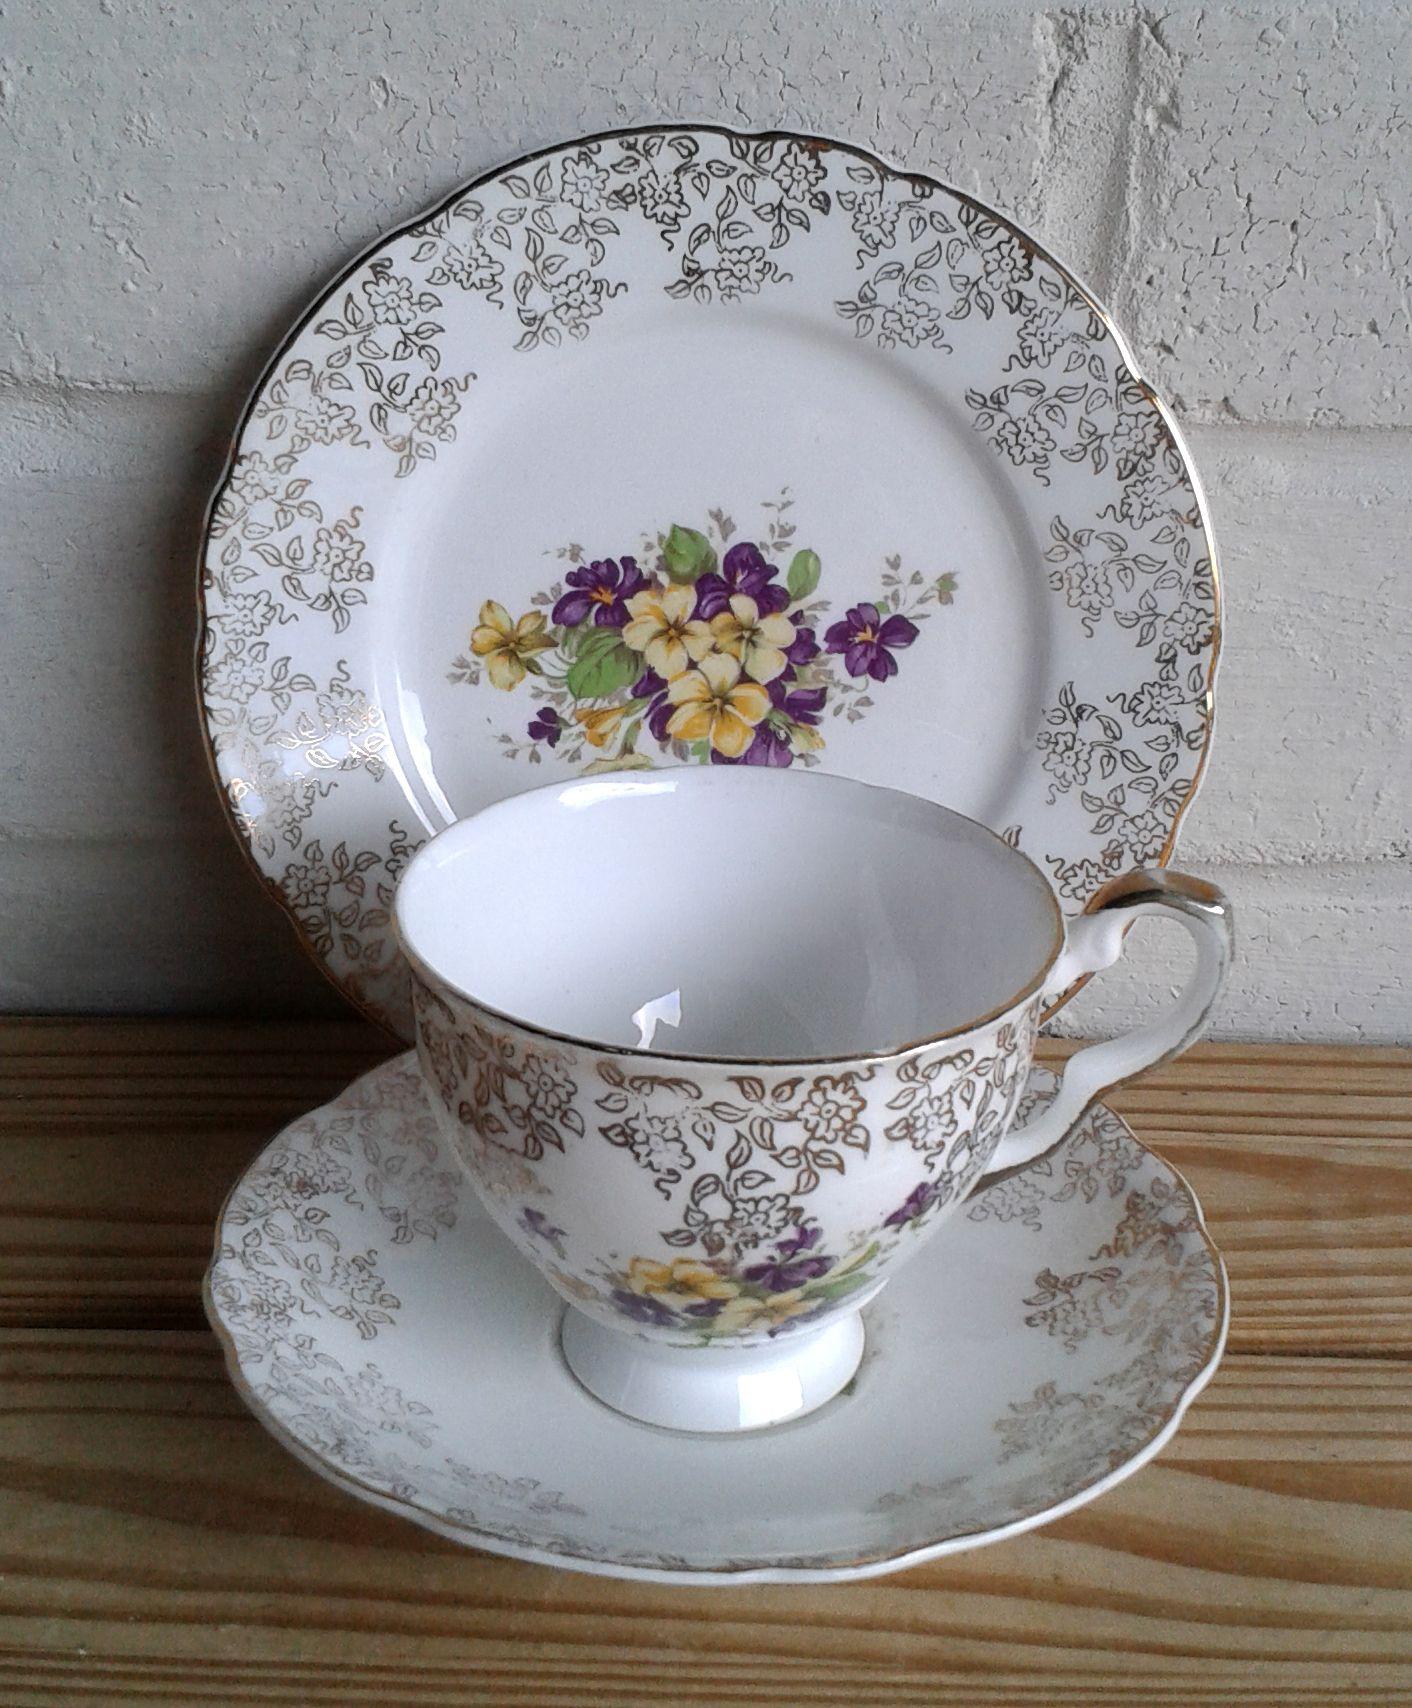 Vintage pansy print bone china teacup trio - Elsie Rose Homewares